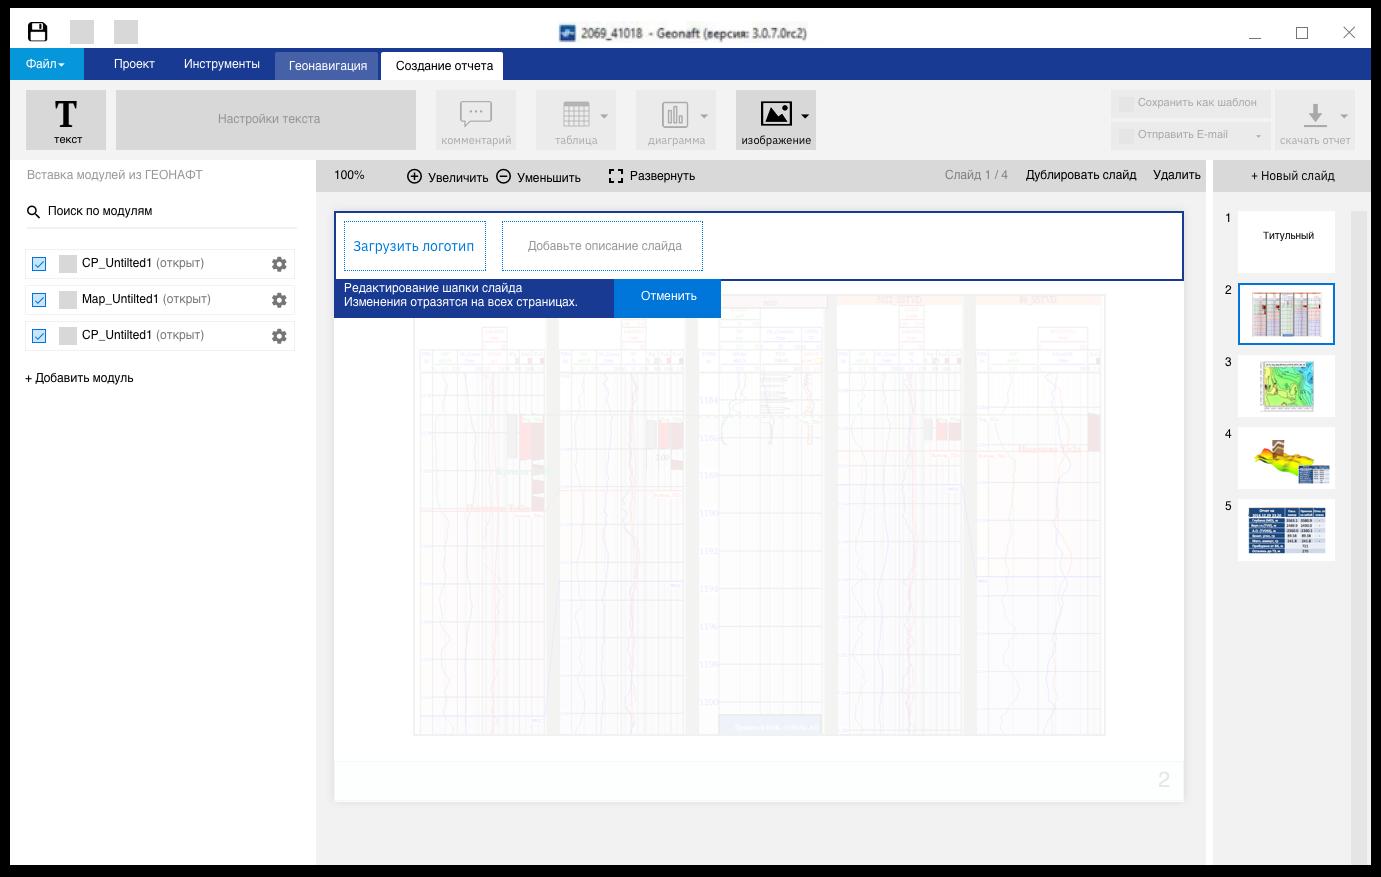 Процесс создания отчетов в приложении | SobakaPav.ru